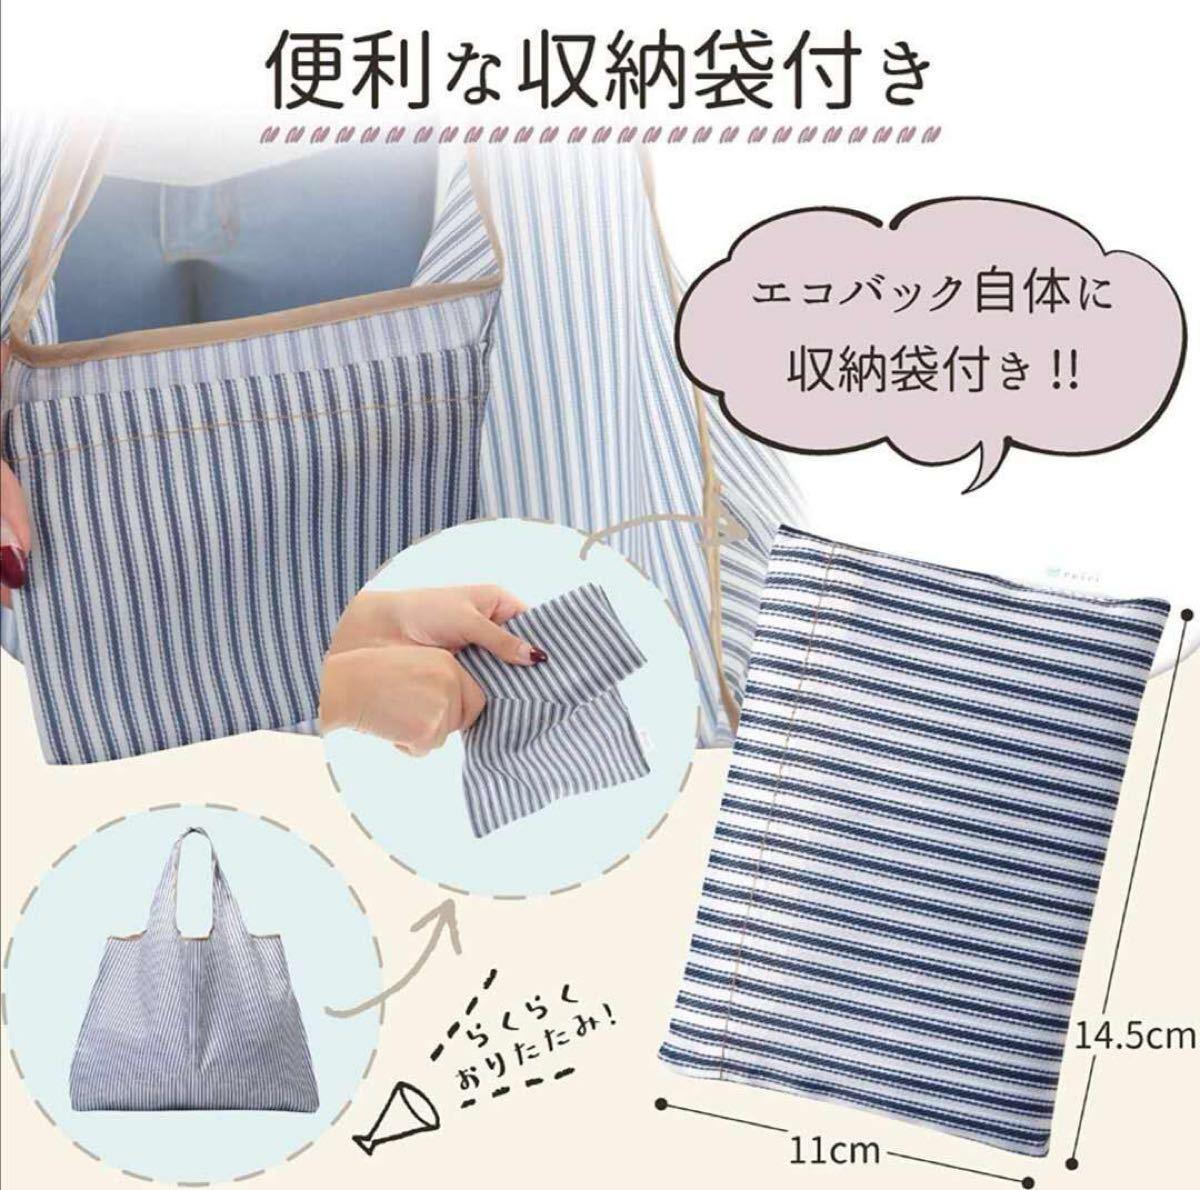 エコバッグ 折りたたみ 買い物袋 買い物バッグ 防水素材 大容量